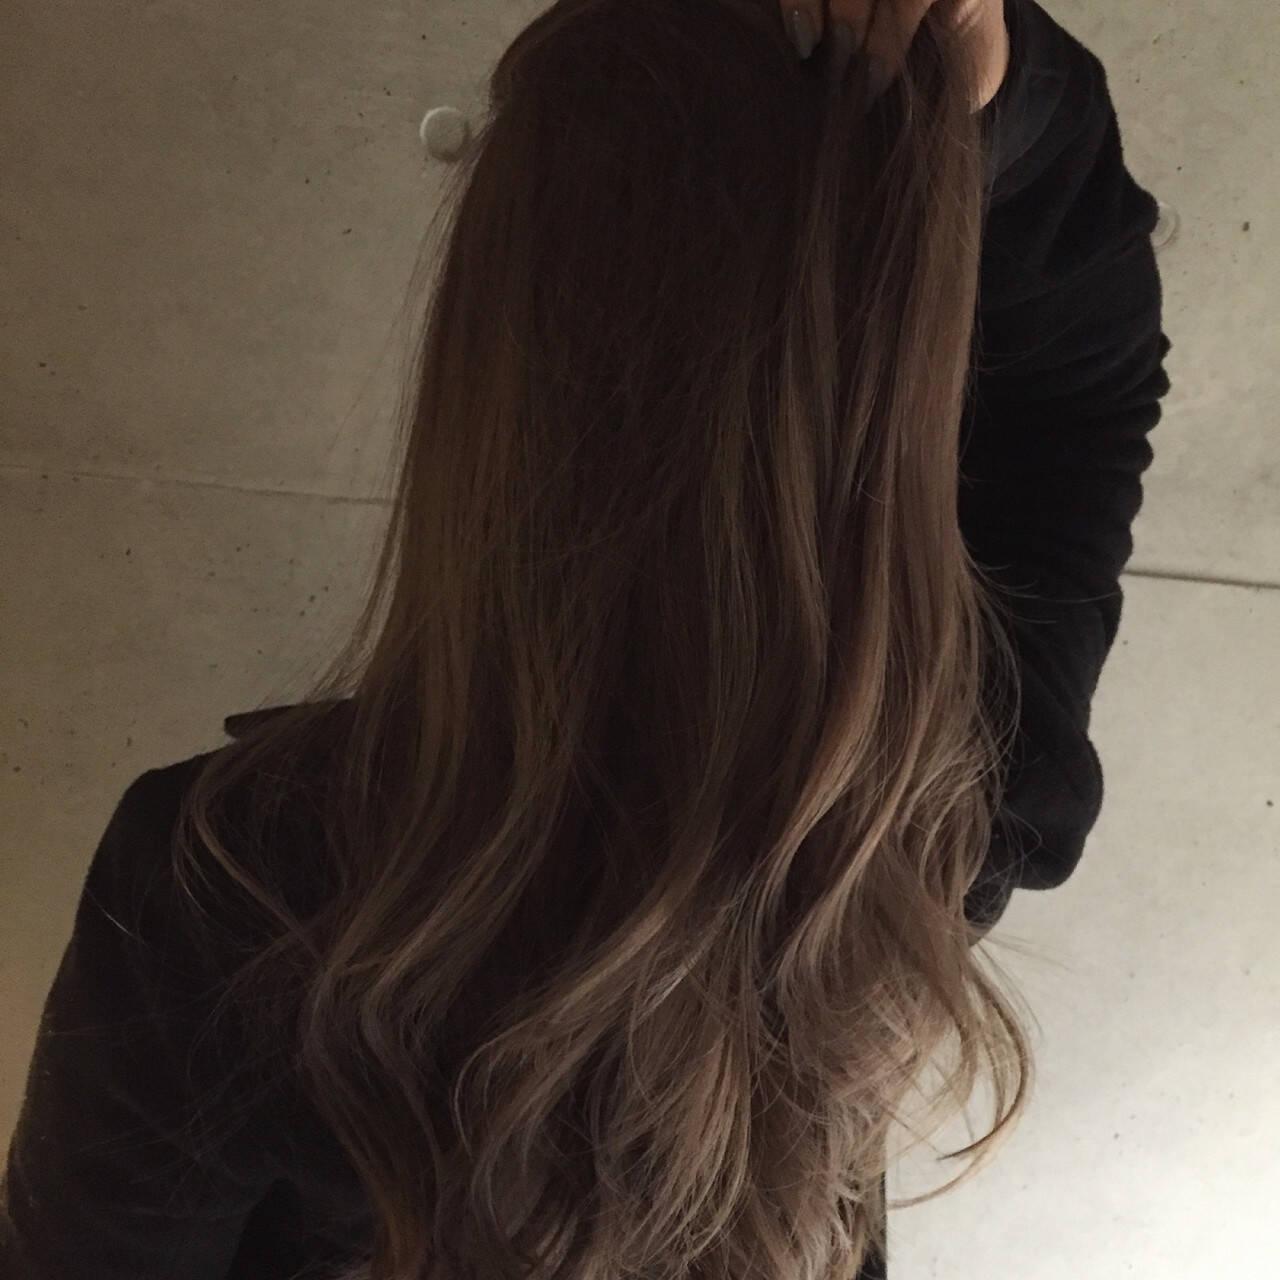 アッシュ グレージュ ロング 大人かわいいヘアスタイルや髪型の写真・画像